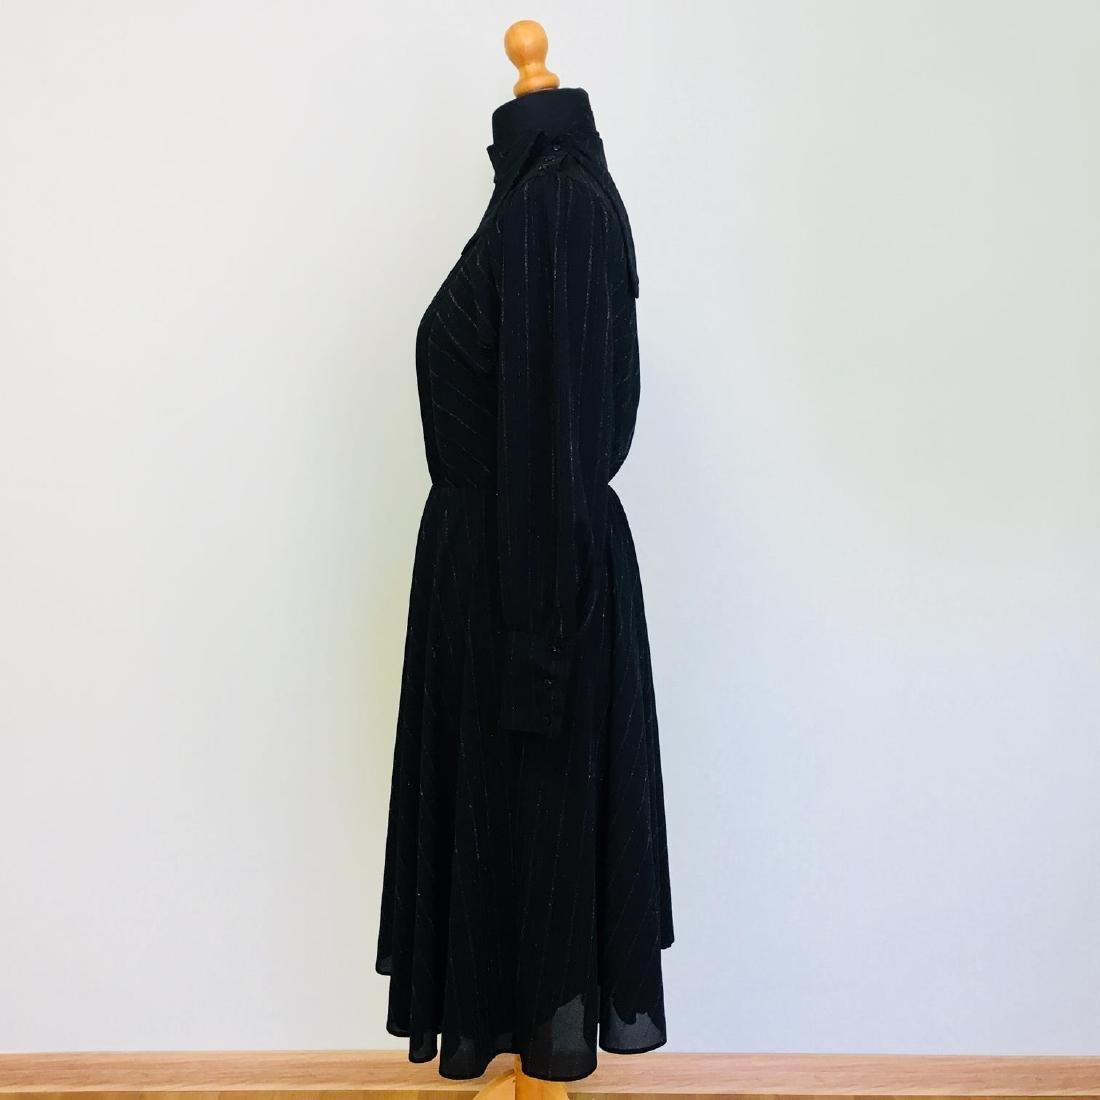 Vintage Women's Black Coctail Evening Dress - 5